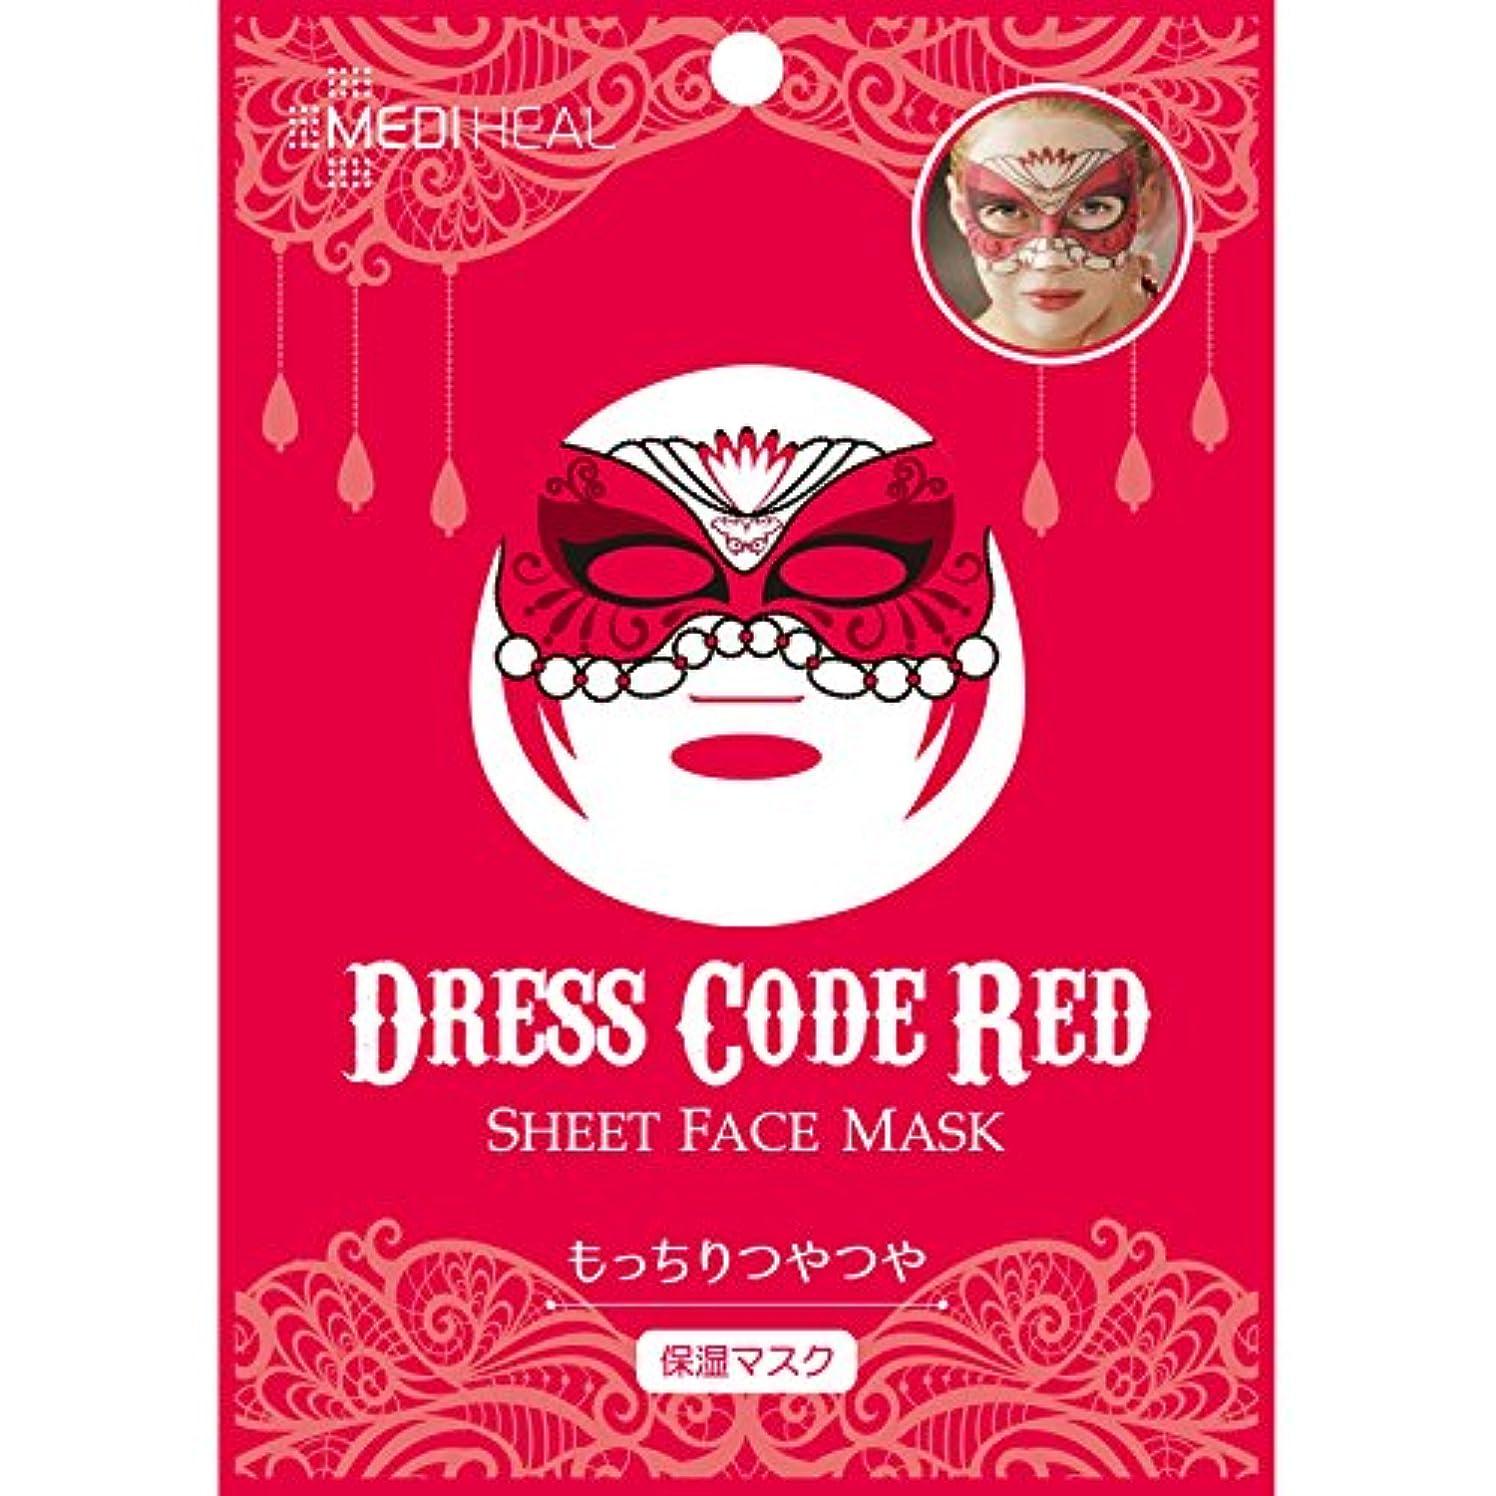 ターゲット制限する怒りメディヒル フェイスマスク ドレスコードレッド (27ML/1シート)